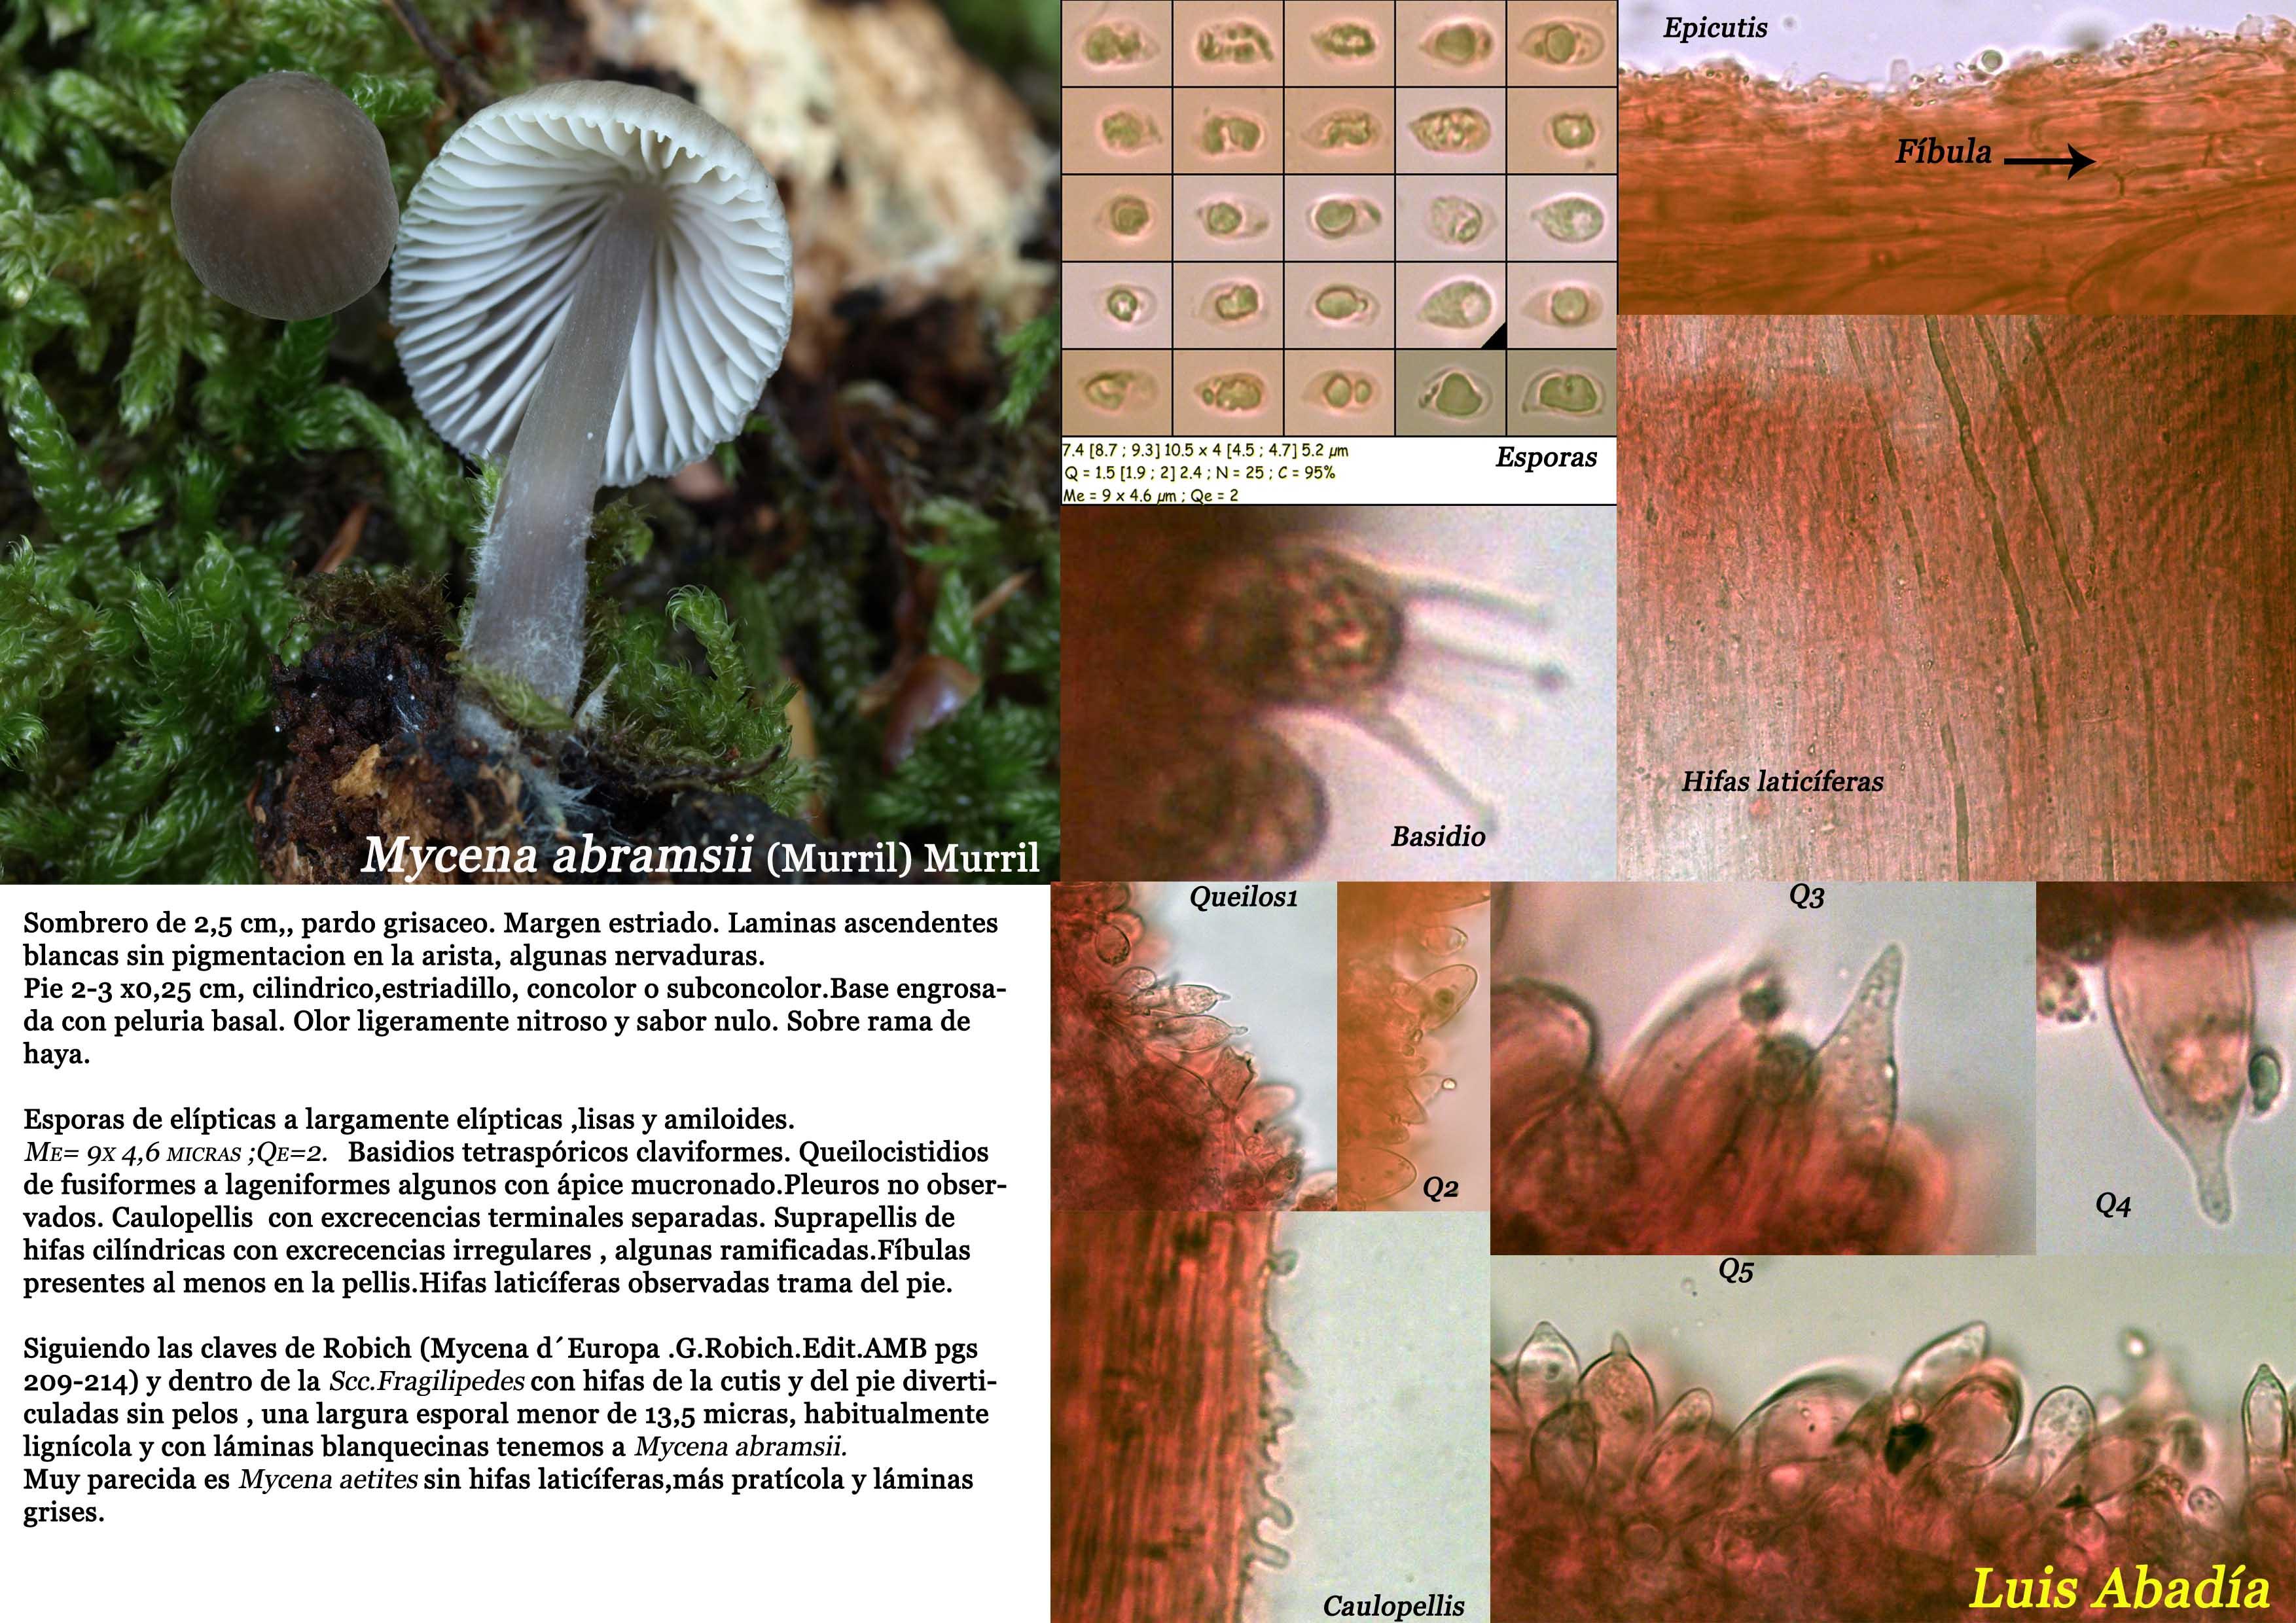 Mycena abramsii